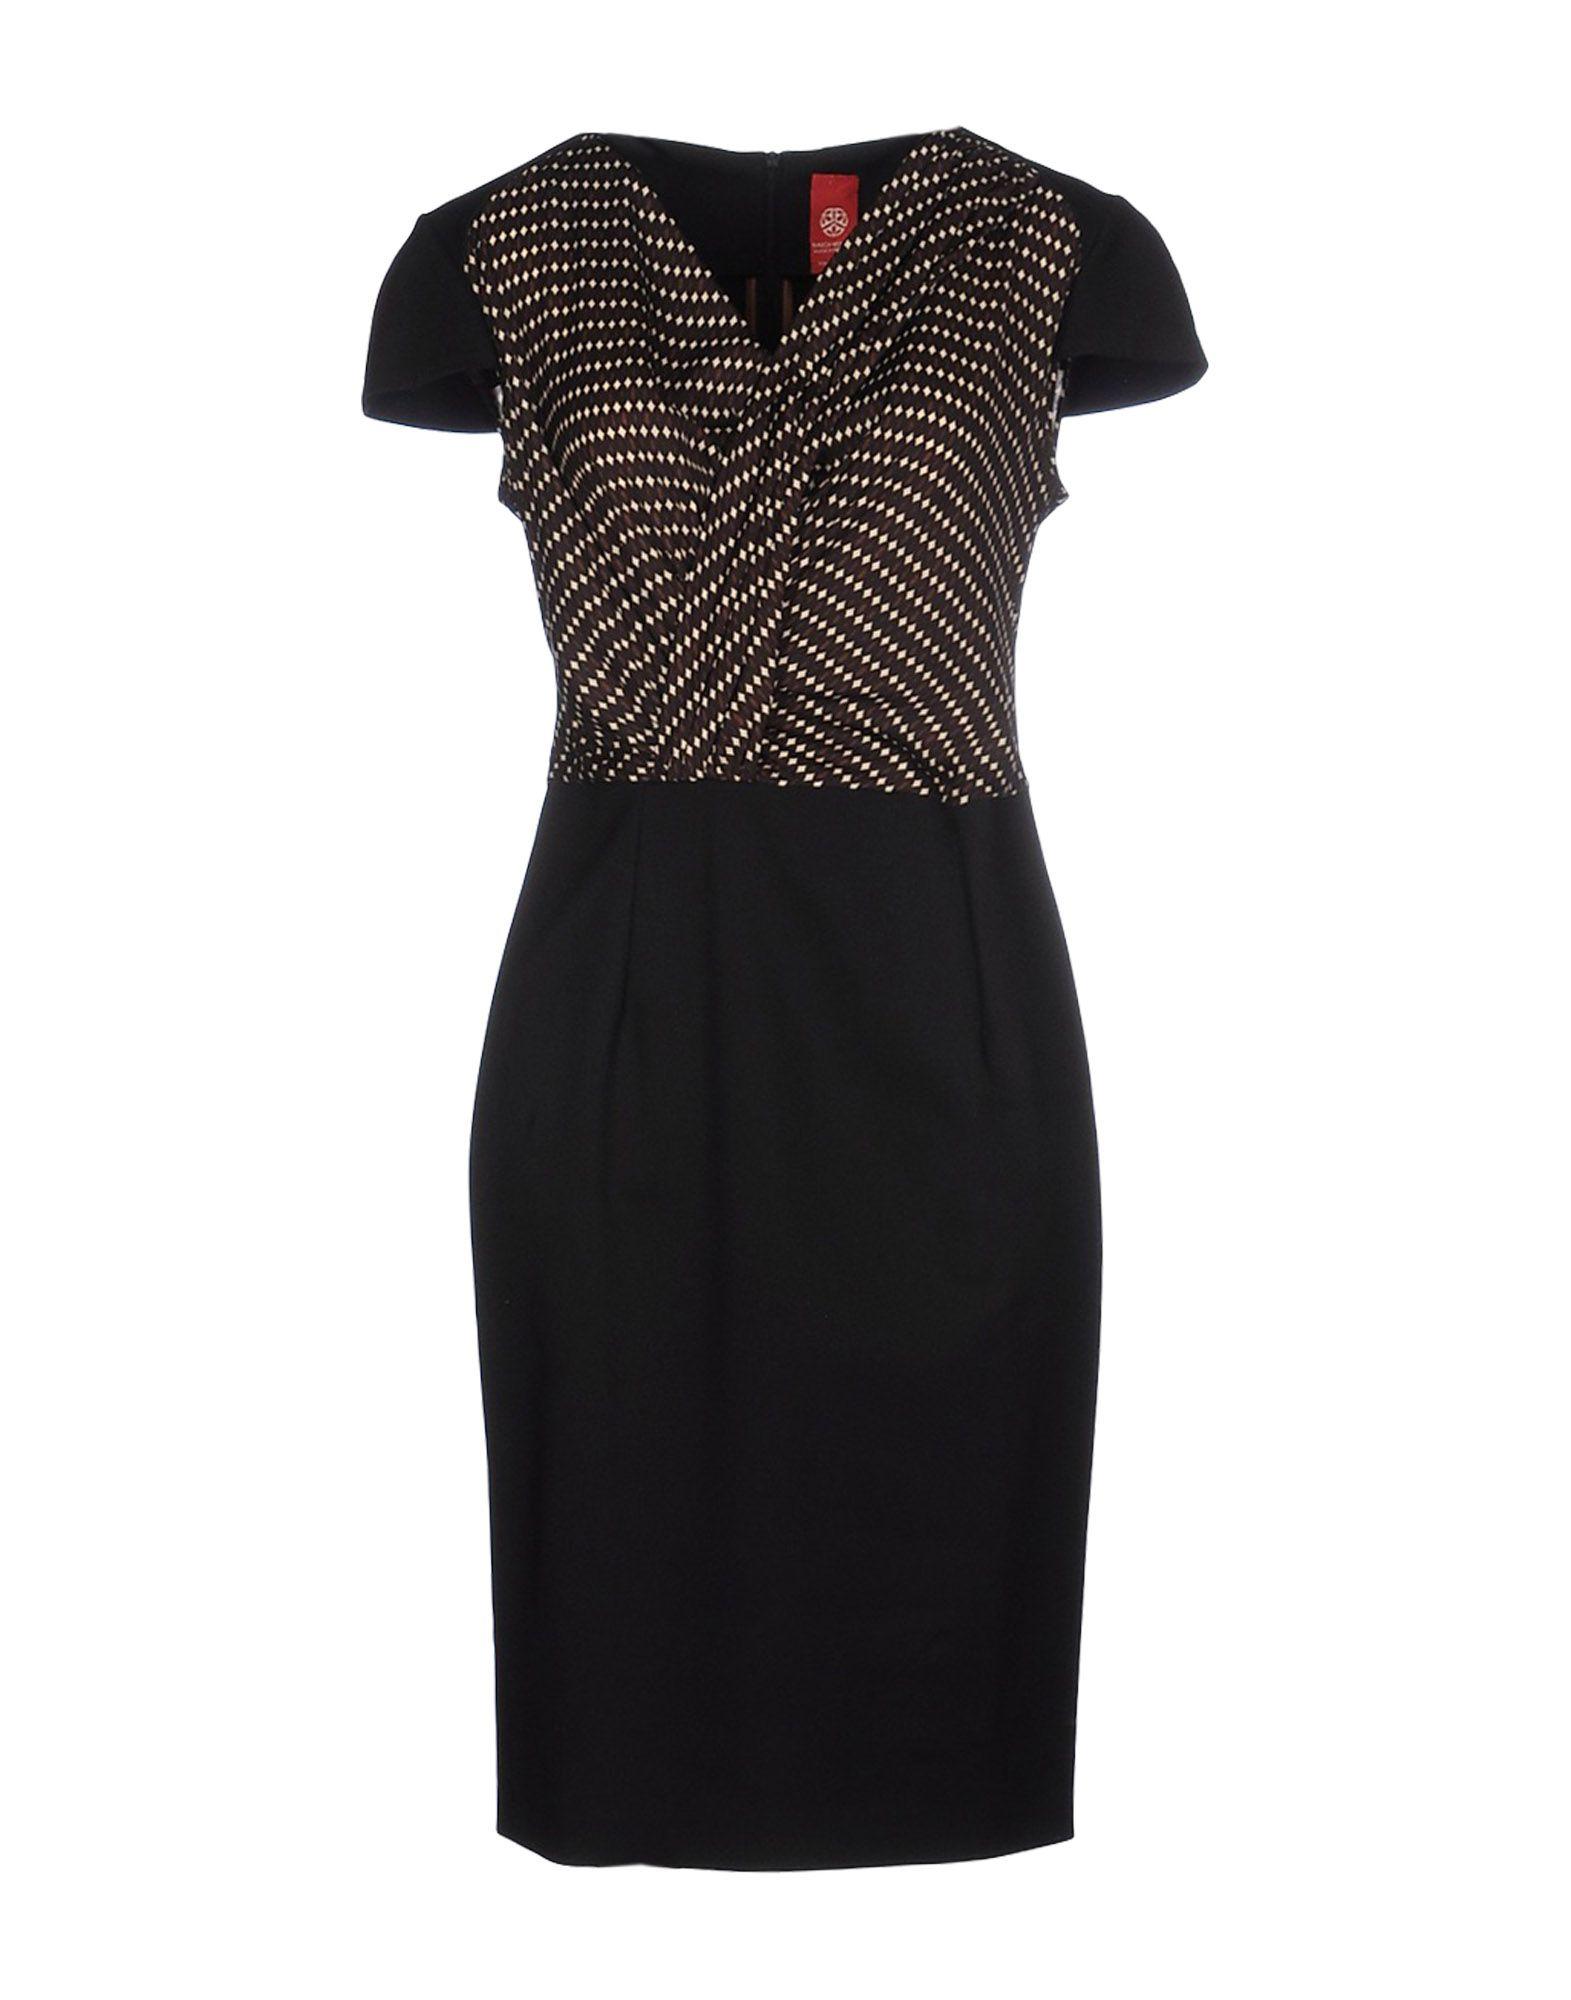 MICHELLE WINDHEUSER Короткое платье бордюр blau versalles mold michelle 3 5x25